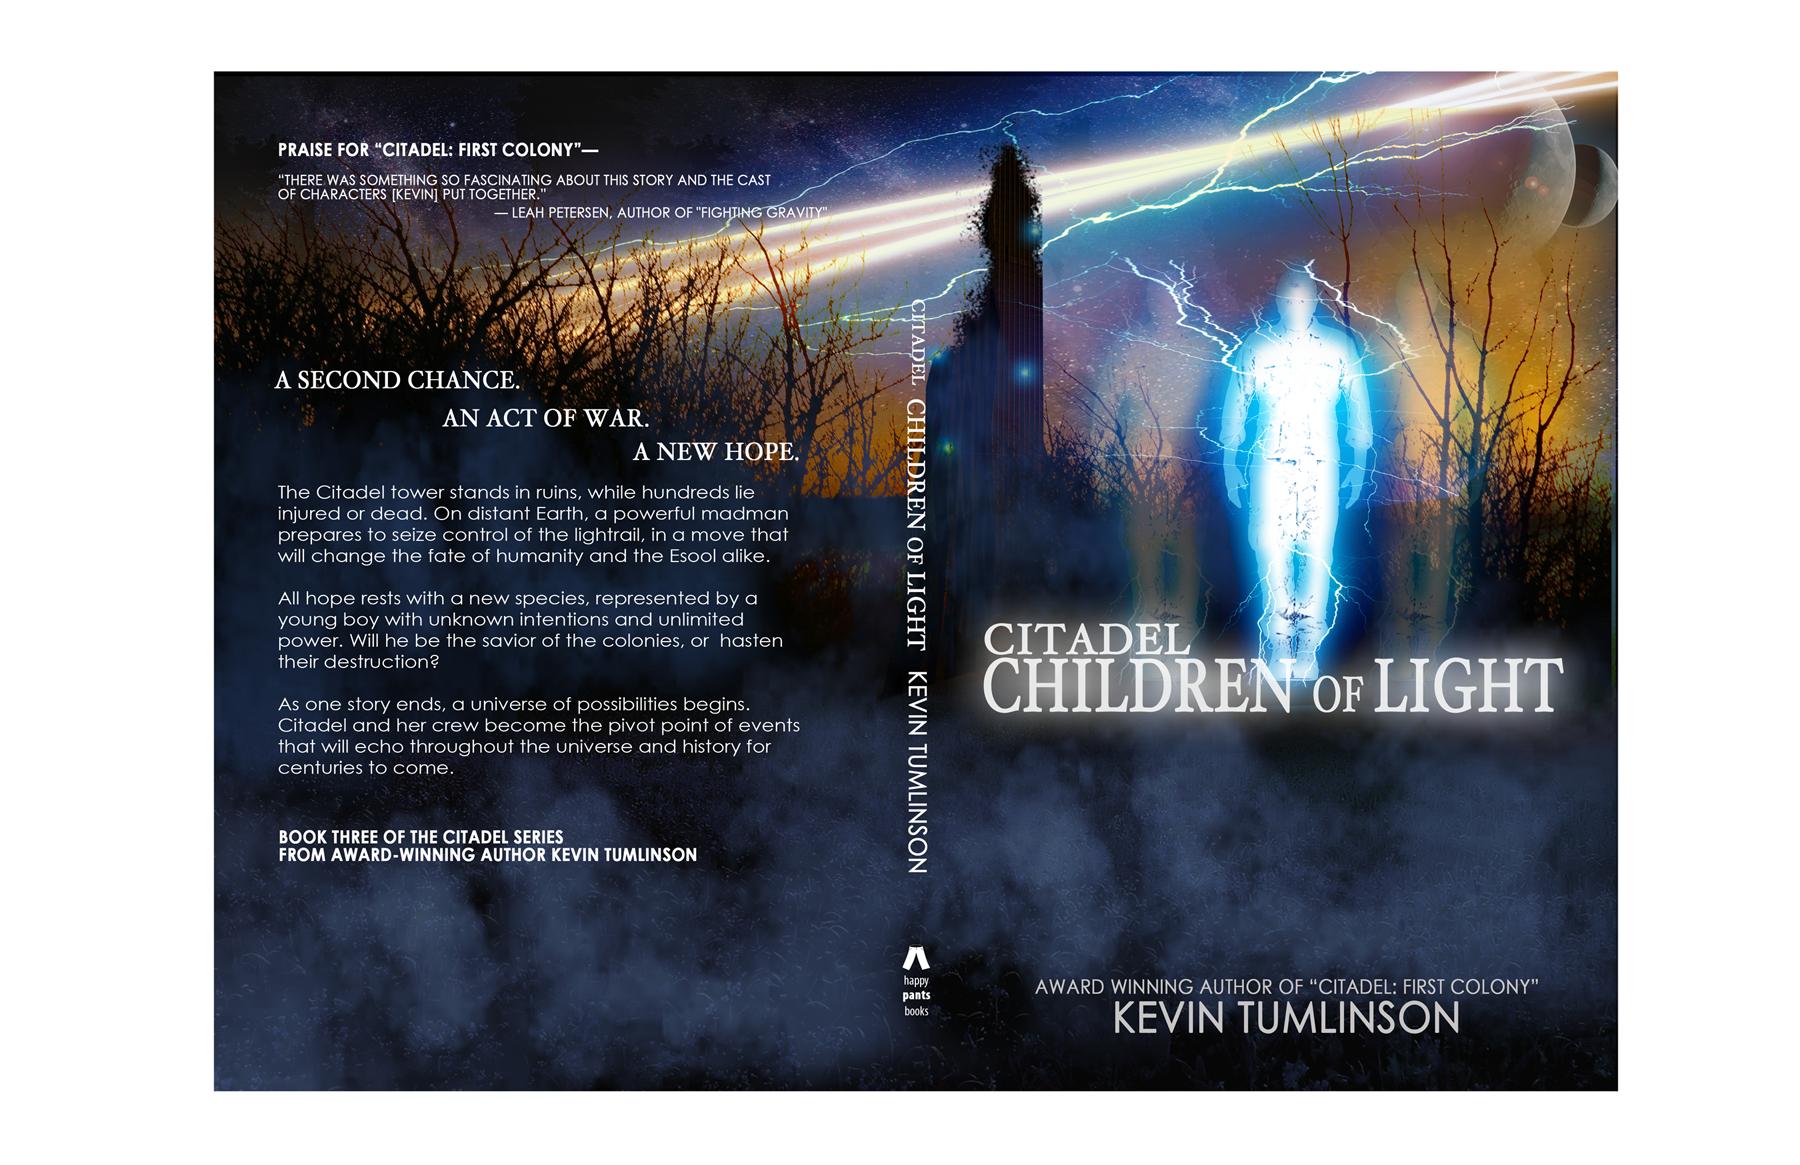 Citadel_Children-of-Light_Kevin-Tumlinson